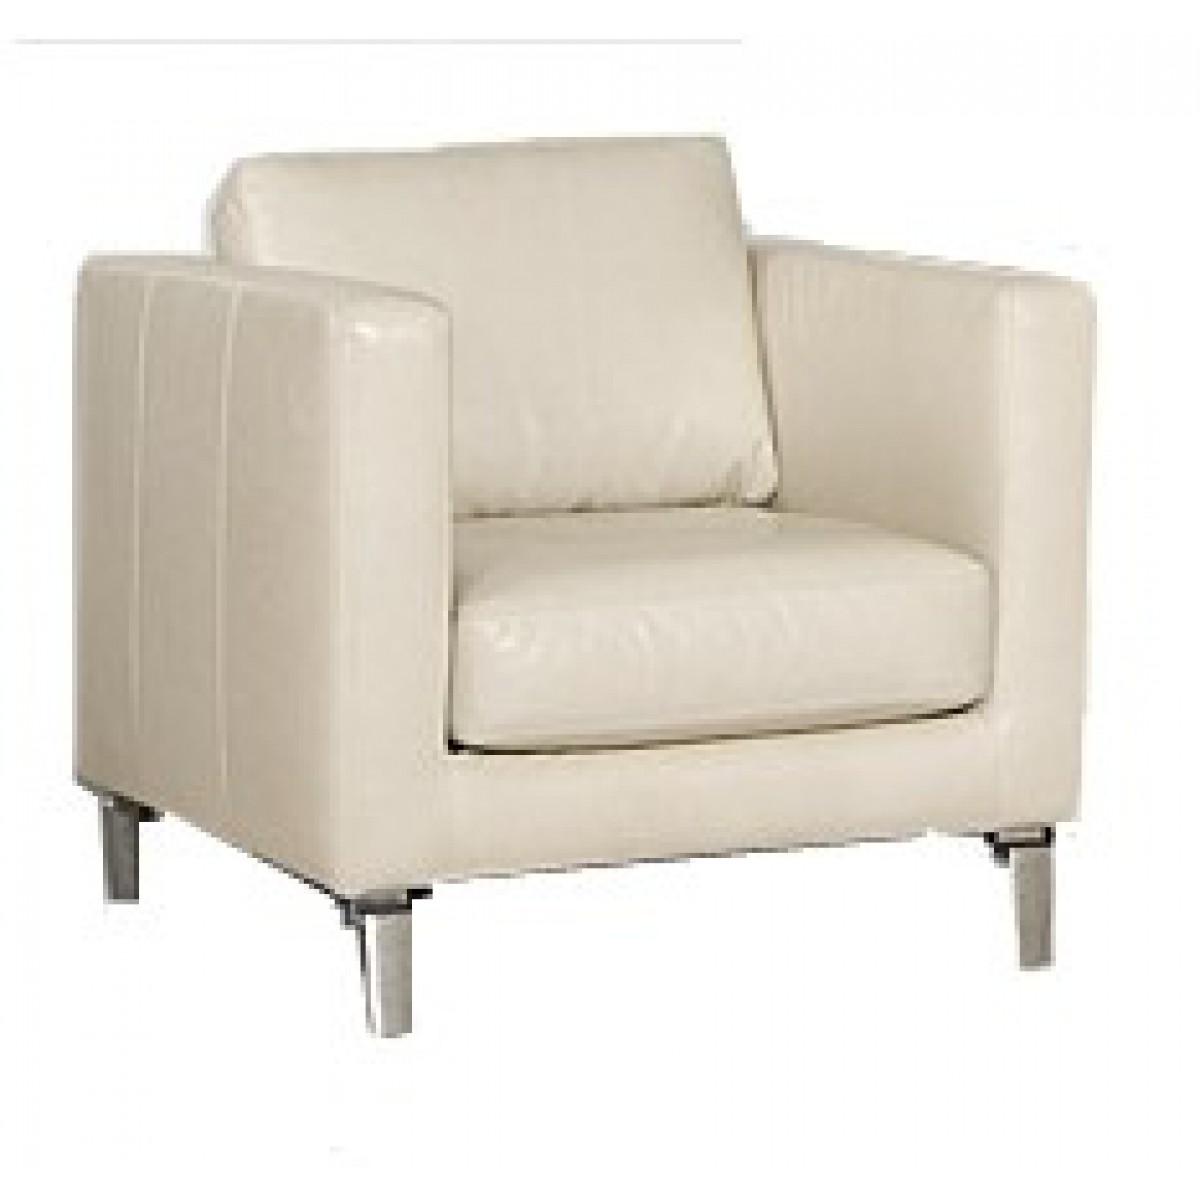 bonbeno-fauteuil-loveseat-het-anker-leder-stonewash-africa